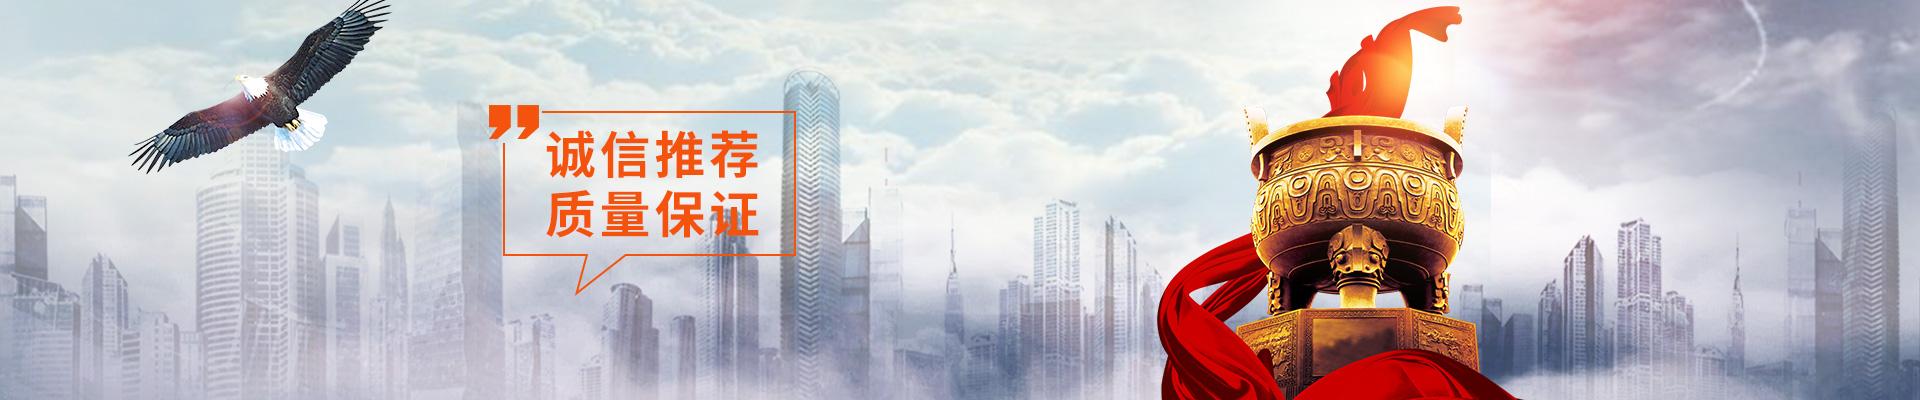 江阴市爱达机械nba山猫直播在线观看公司介绍